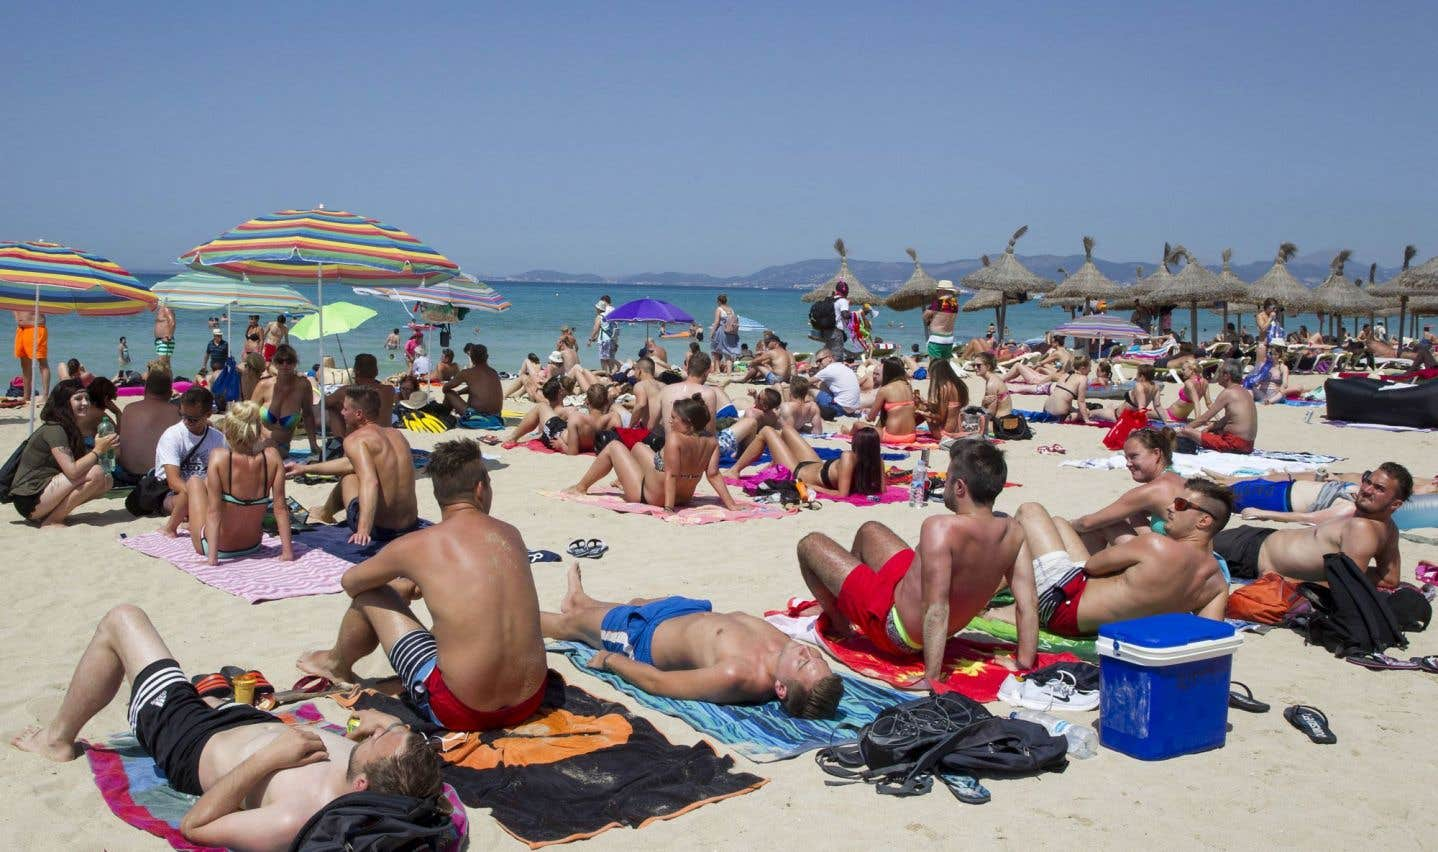 Les Allemands et les Anglais sont nombreux à choisir les Baléares comme destination vacances. Depuis peu, Français et Scandinaves les ont rejoints sur leurs plages.